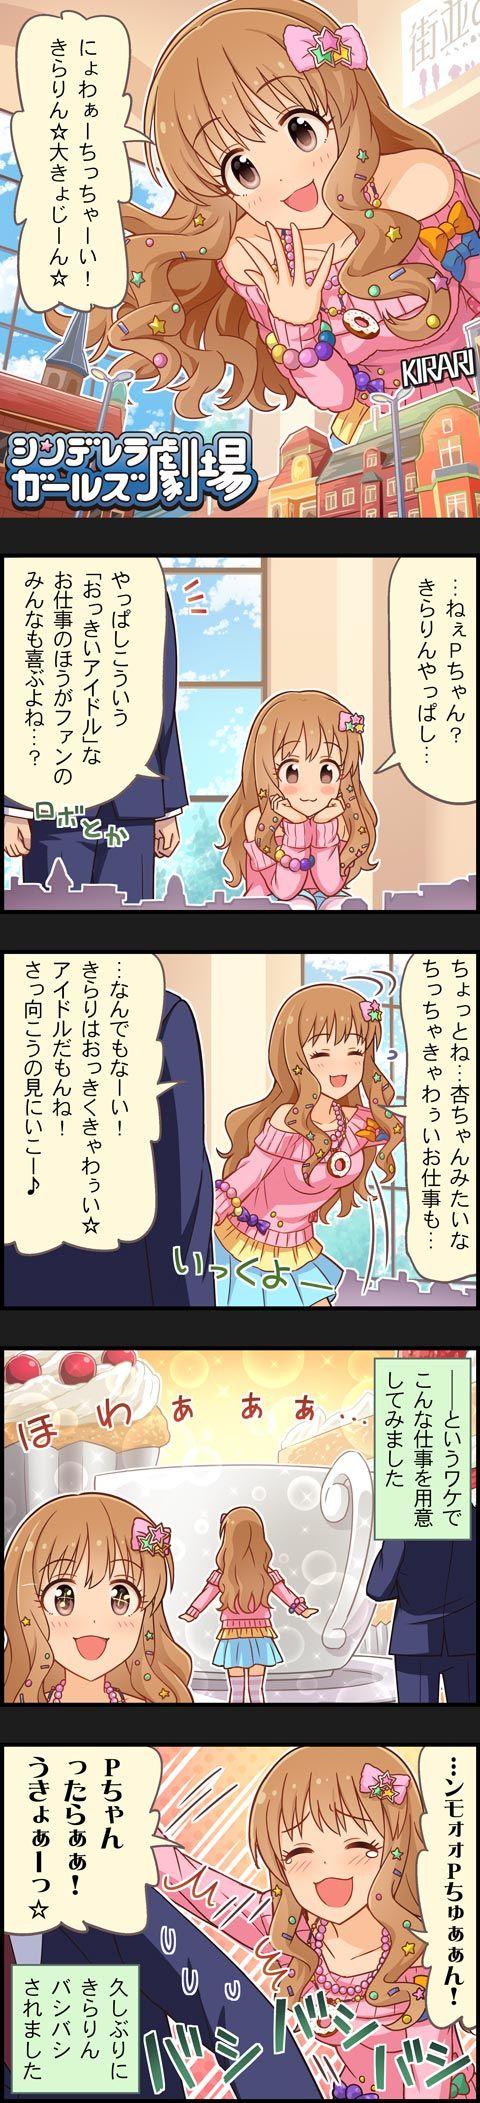 【第789話】きらりん☆ばしばし